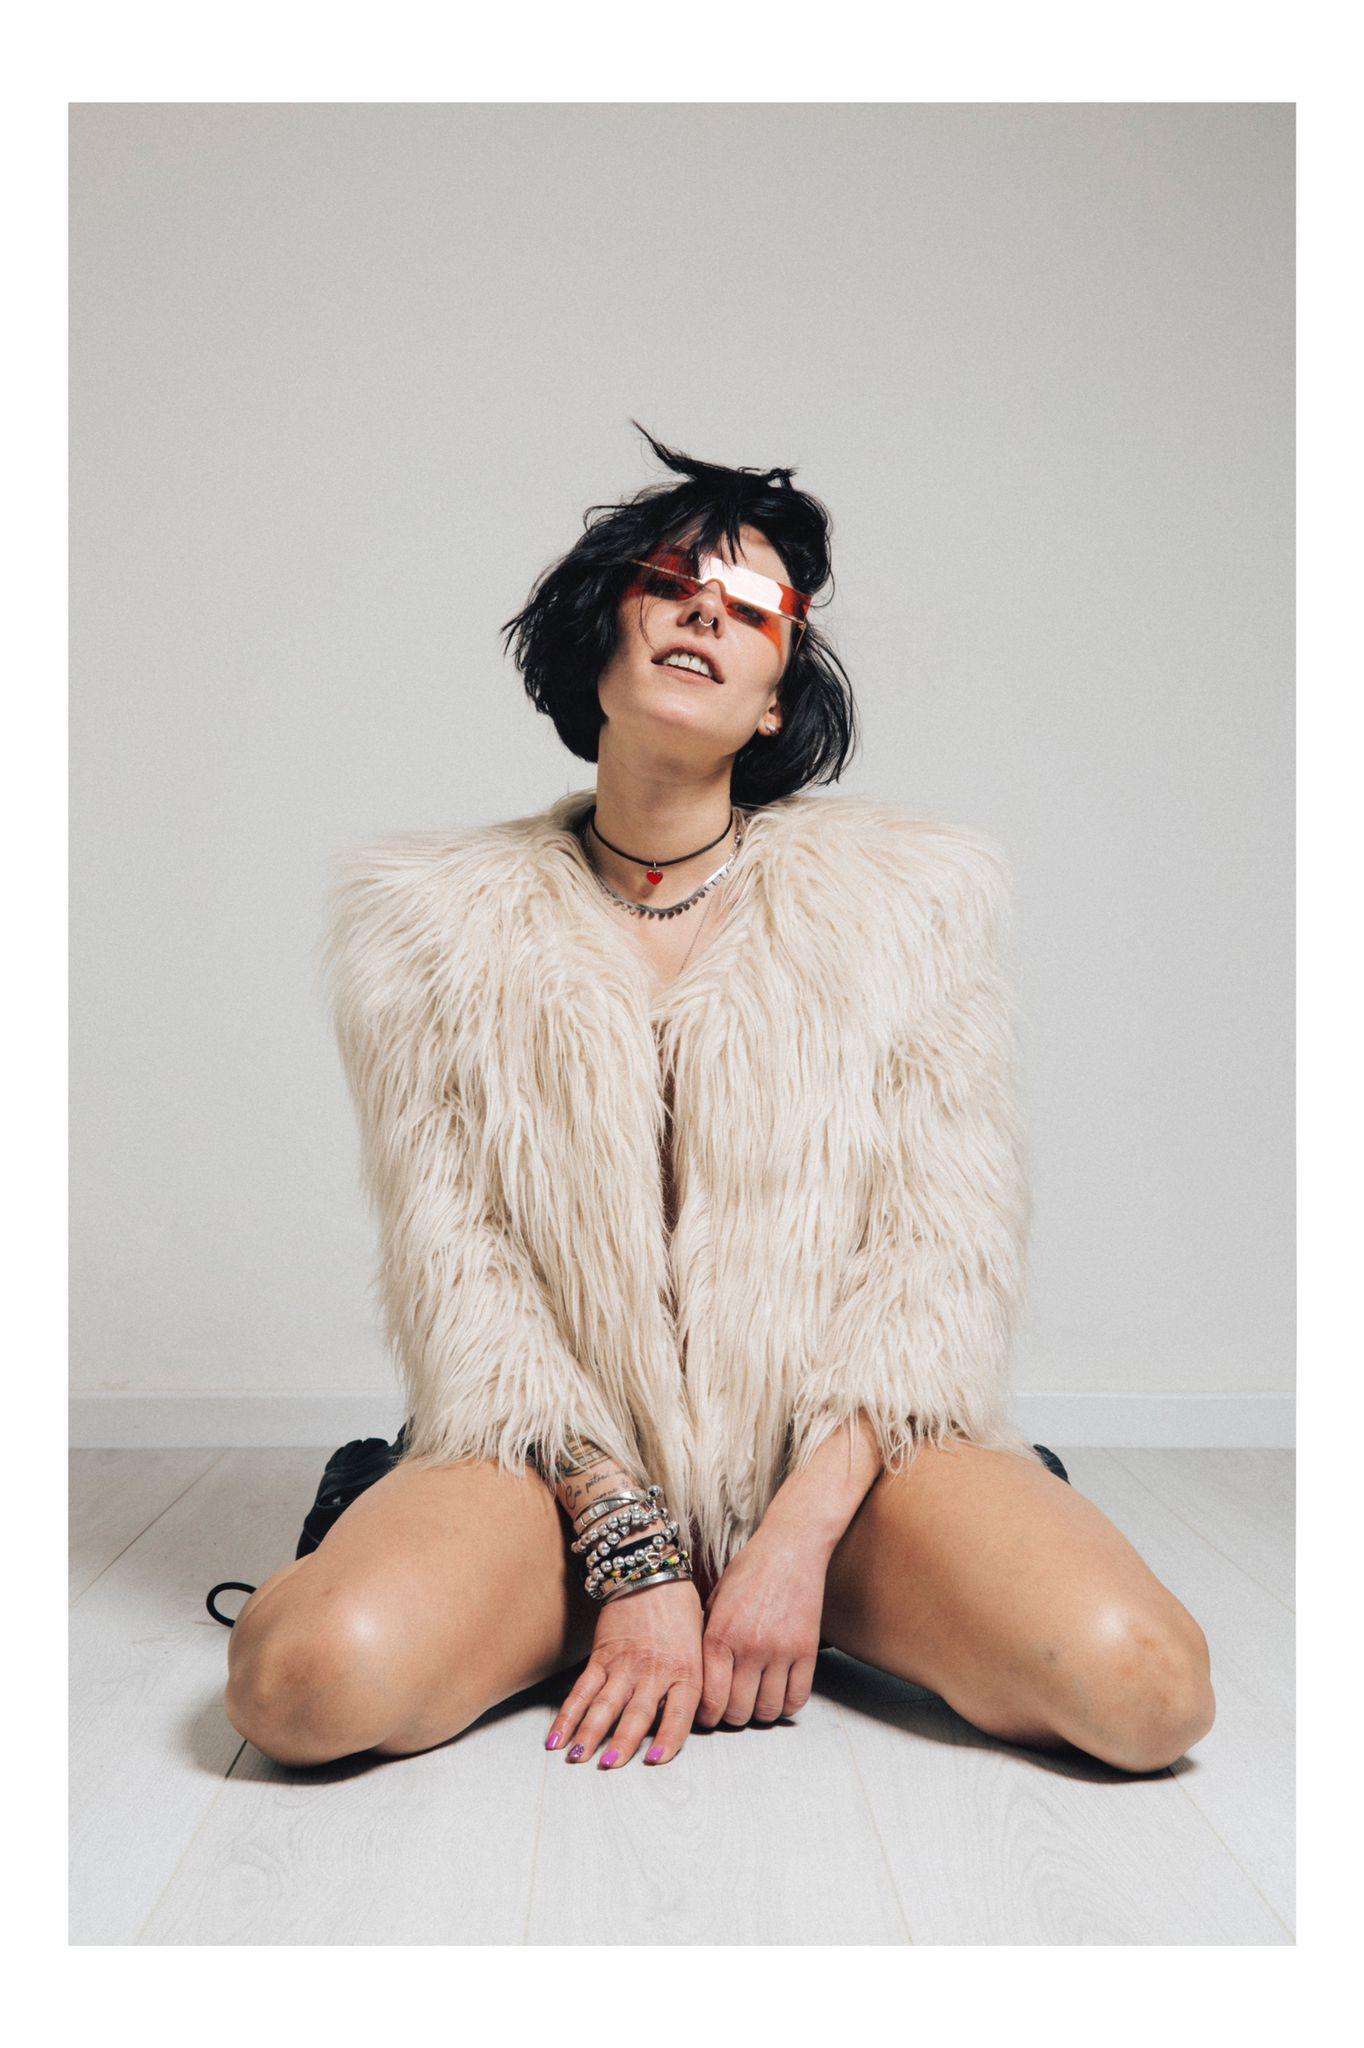 Categorie: Boudoir & Artistic Nude, Fashion, Glamour, Portrait - Model: EVA PIZZINGA - Photographers: LORIS GONFIOTTI & DARIO D'ANDREA - Mua: FRANCESCA PICCOLO - Location: Firenze, FI, Italia